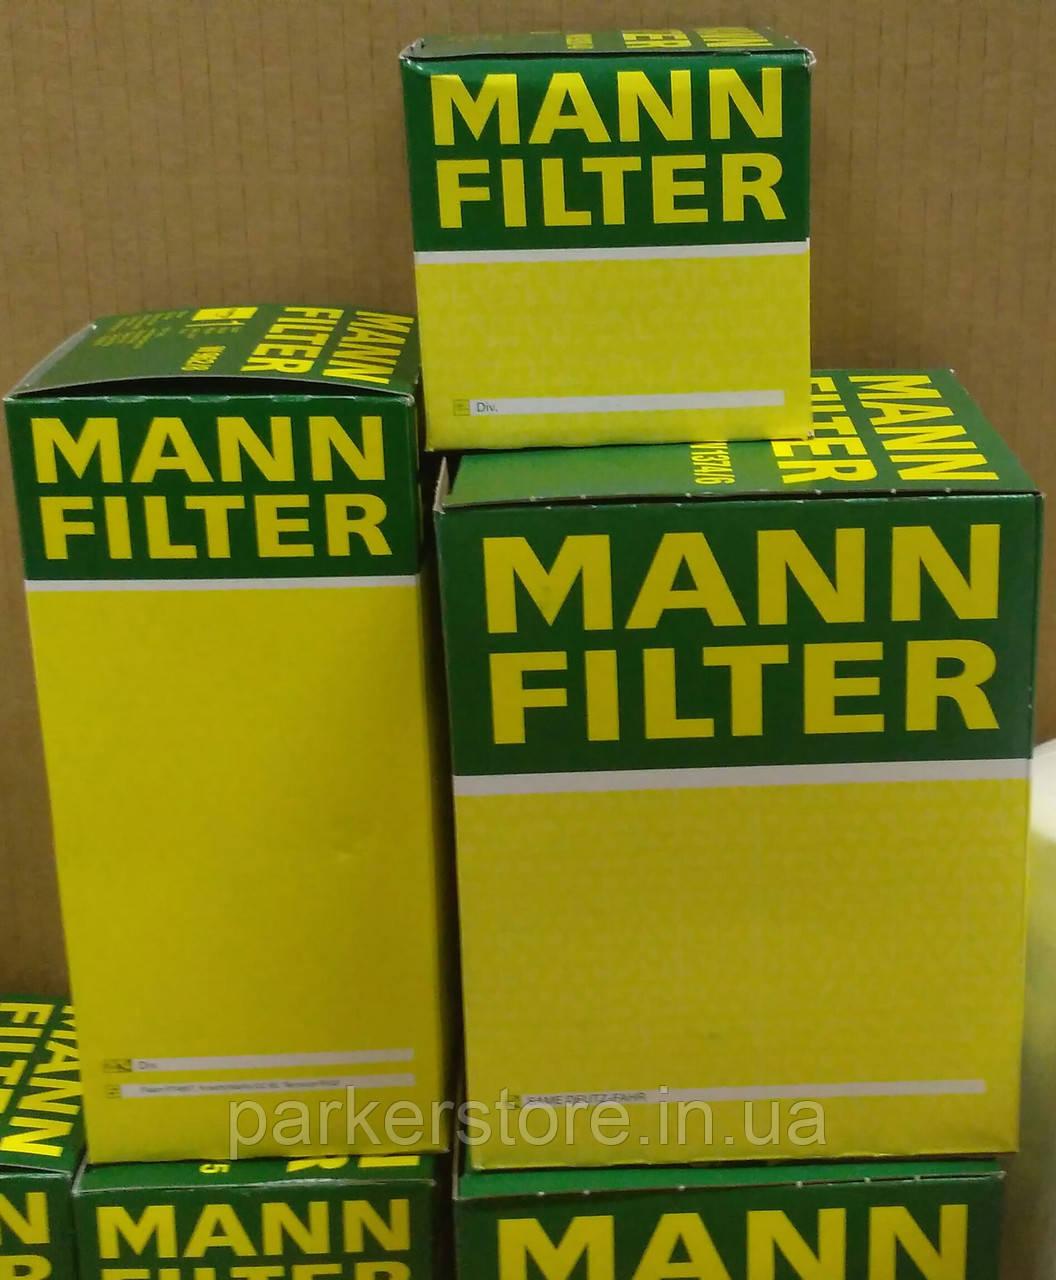 MANN FILTER / Воздушный фильтр / C 2991 / C2991